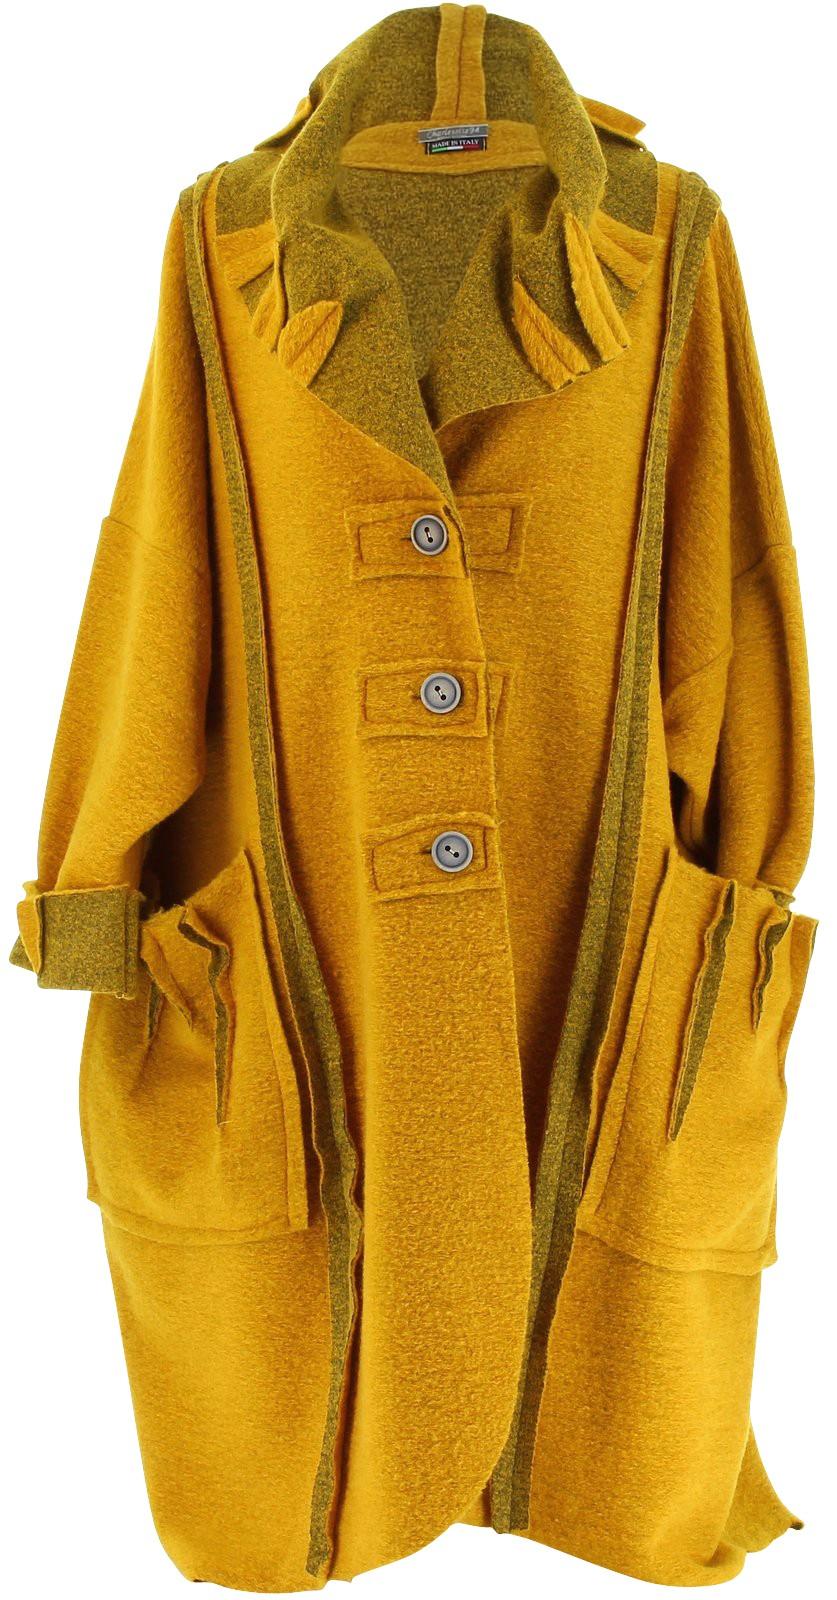 manteau long hiver laine bouillie grande taille femme moutarde karla jaune ebay. Black Bedroom Furniture Sets. Home Design Ideas